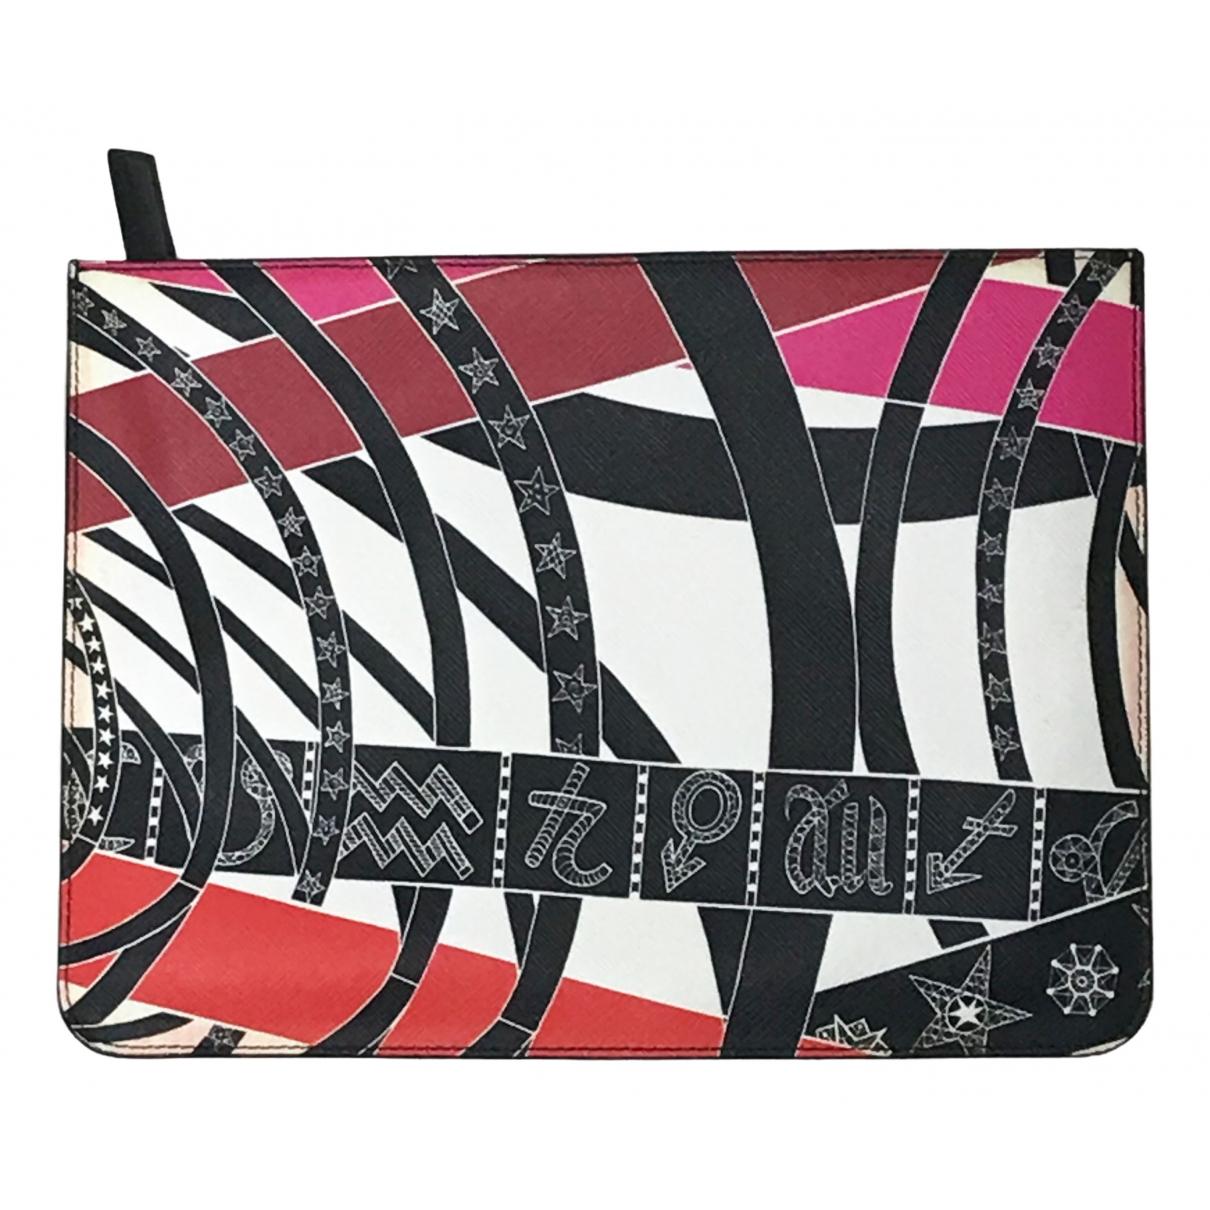 Emilio Pucci \N Multicolour Purses, wallet & cases for Women \N